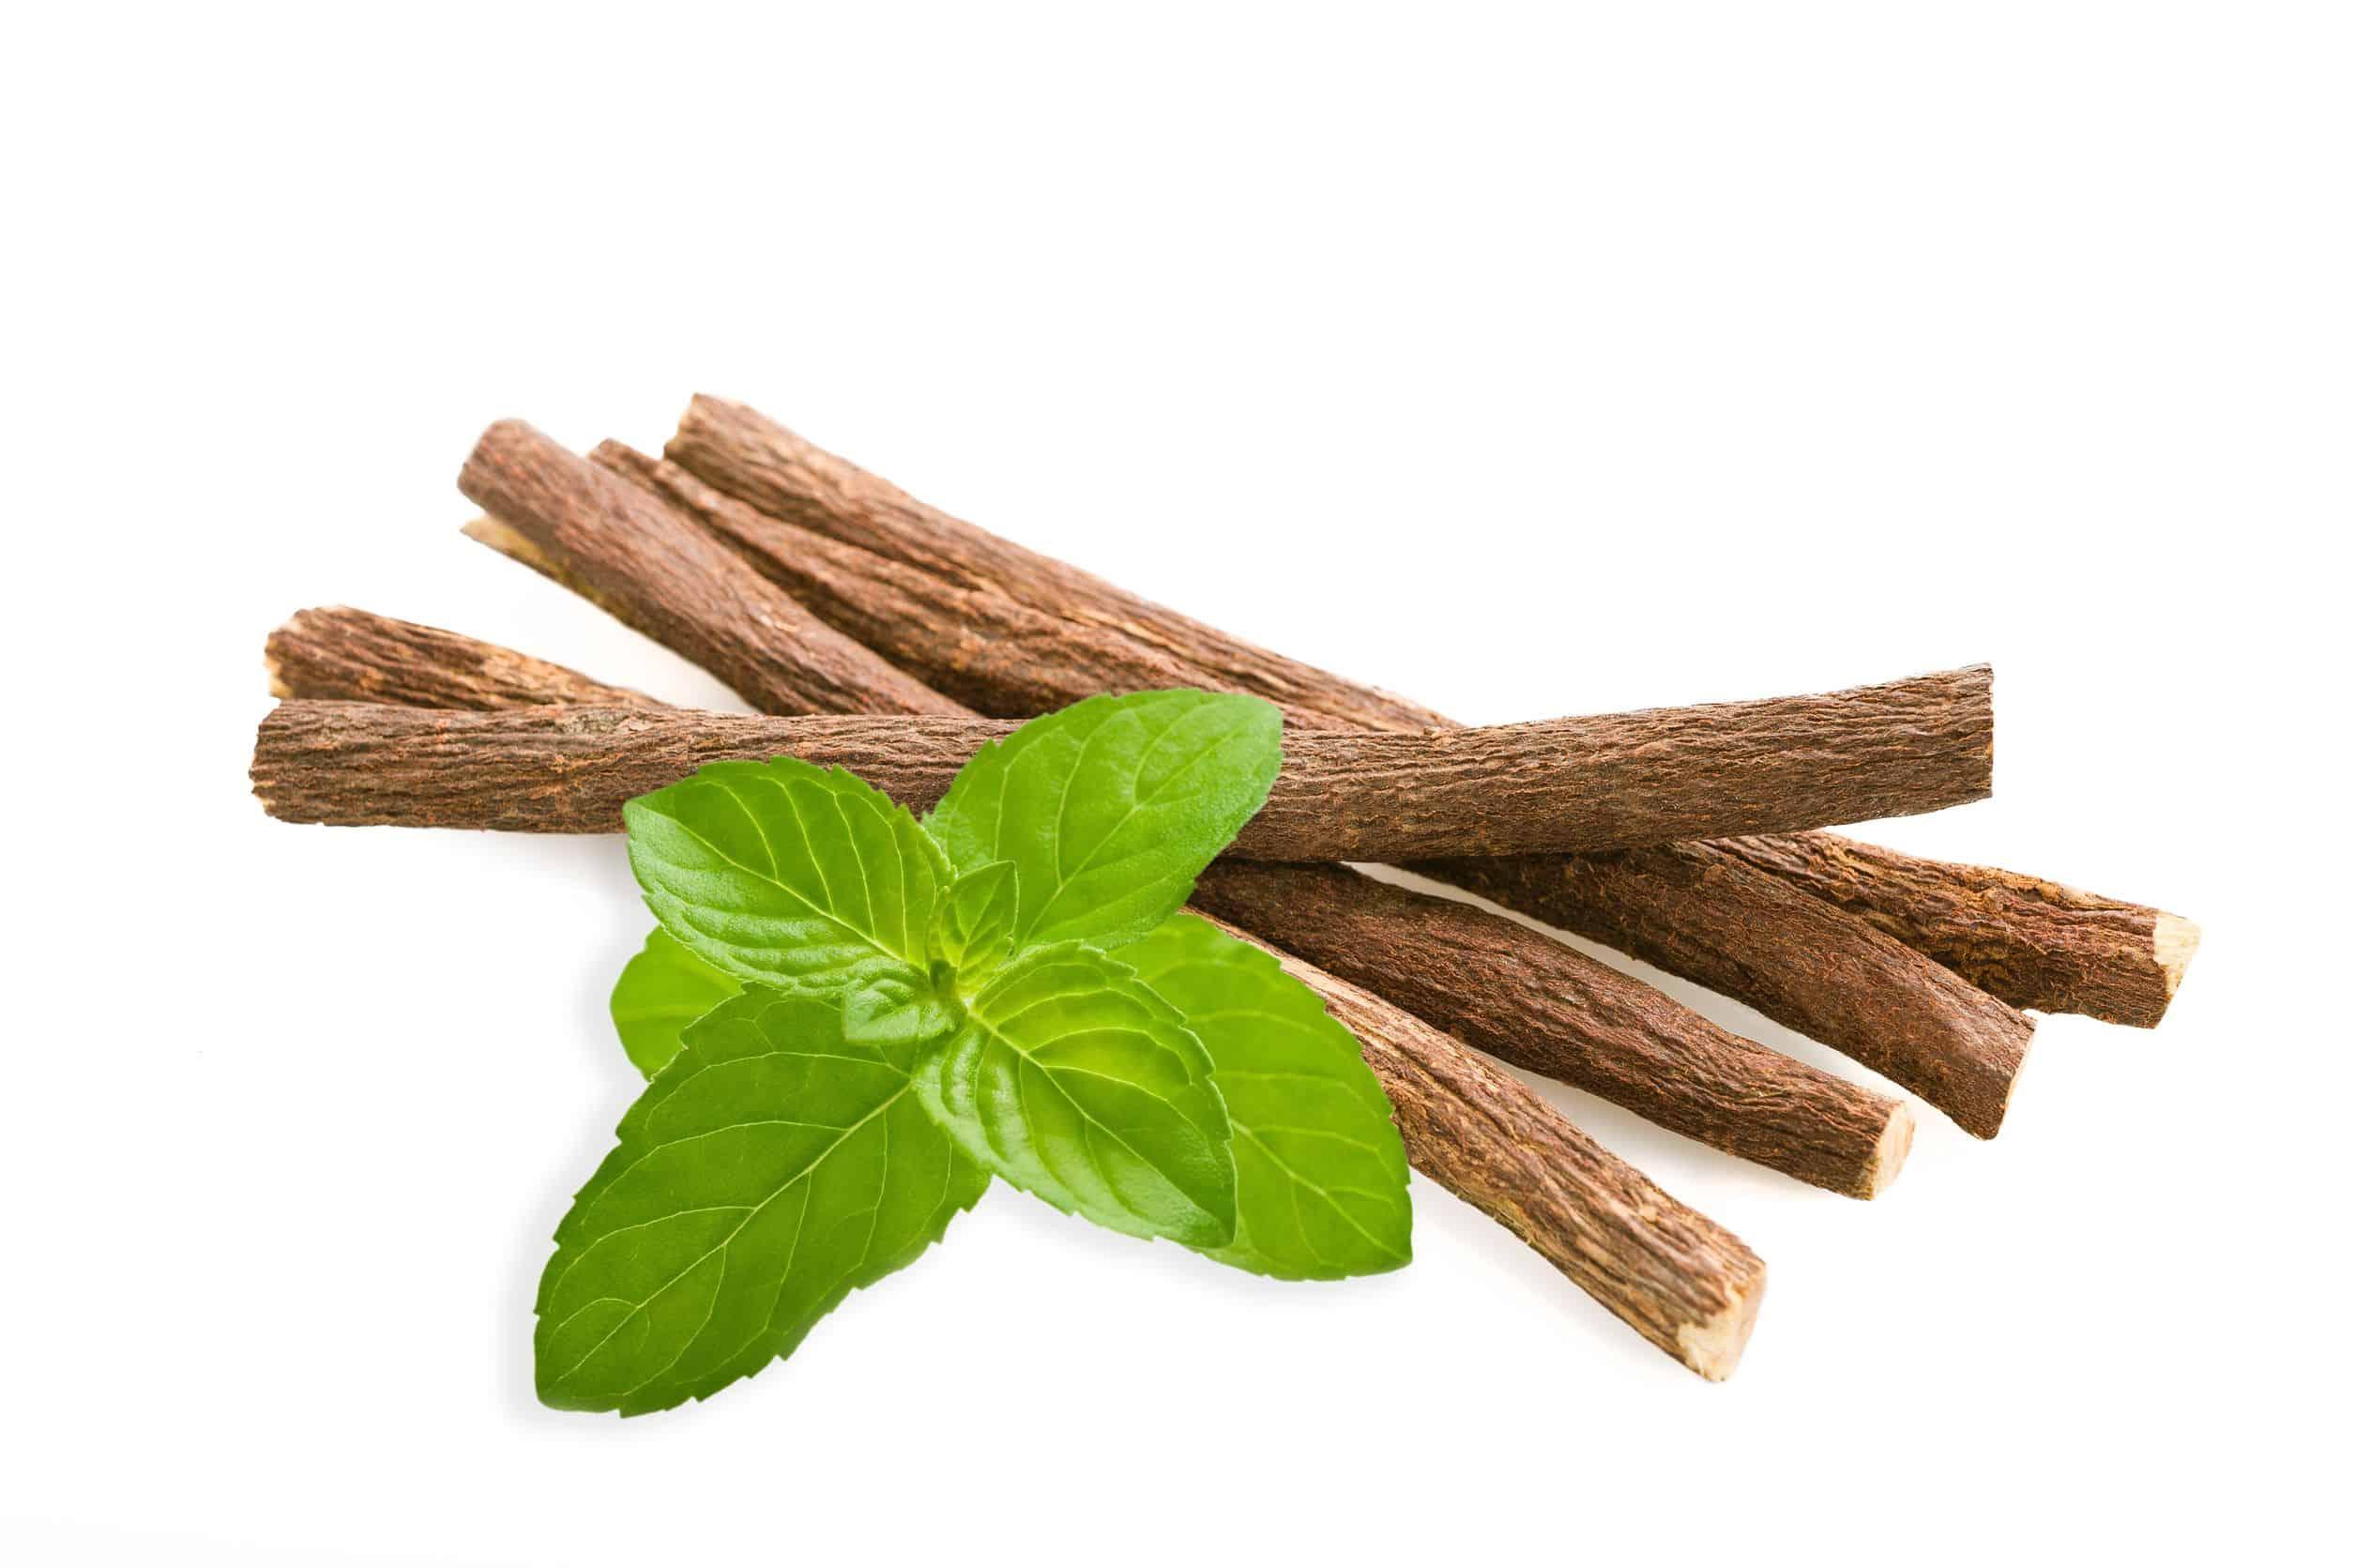 Süßholzstange: Test & Empfehlungen (04/21)